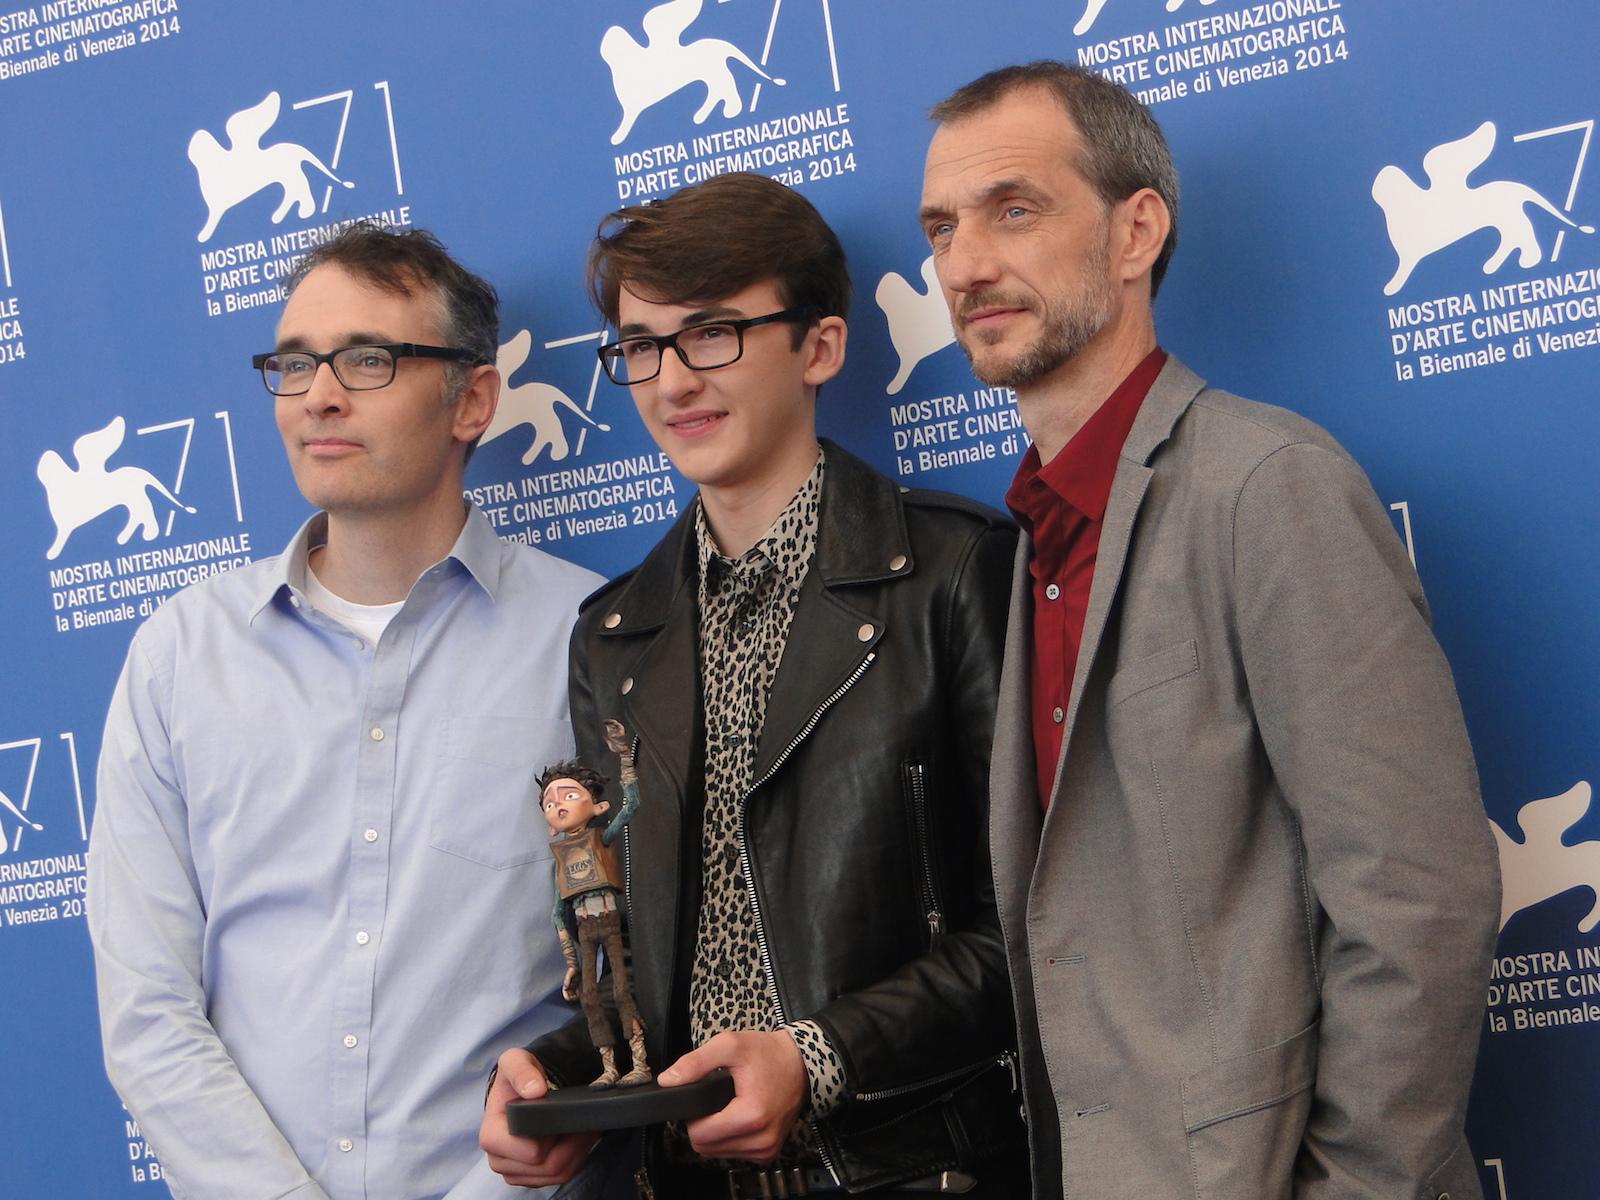 Boxtrolls: Isaac Hempstead-Wright posa con i registi Graham Annable e Anthony Stacchi a Venezia 2014